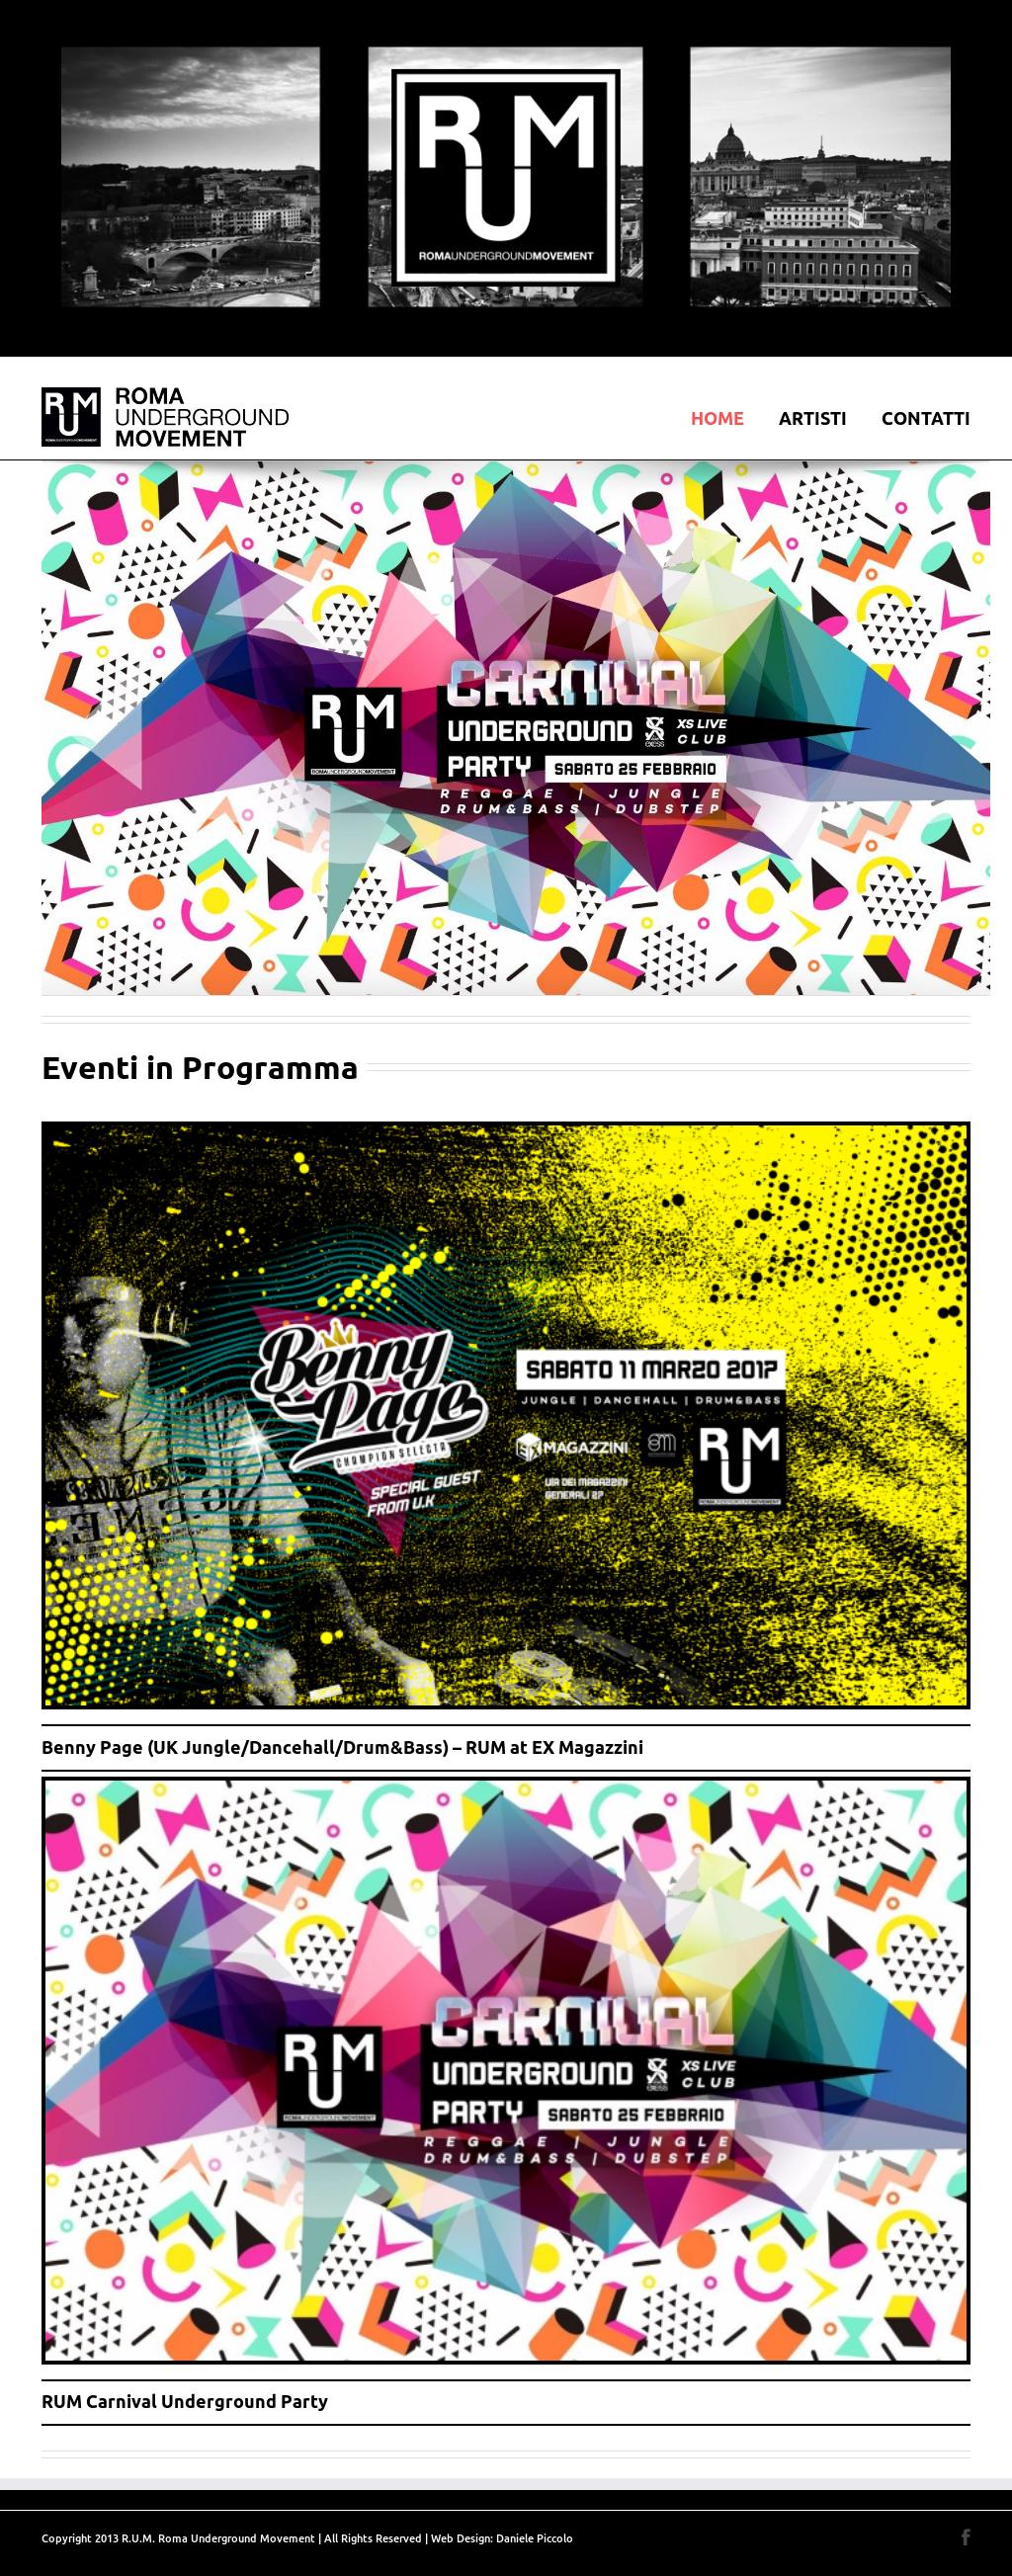 Rum - Roma Underground Movement Competitors, Revenue and